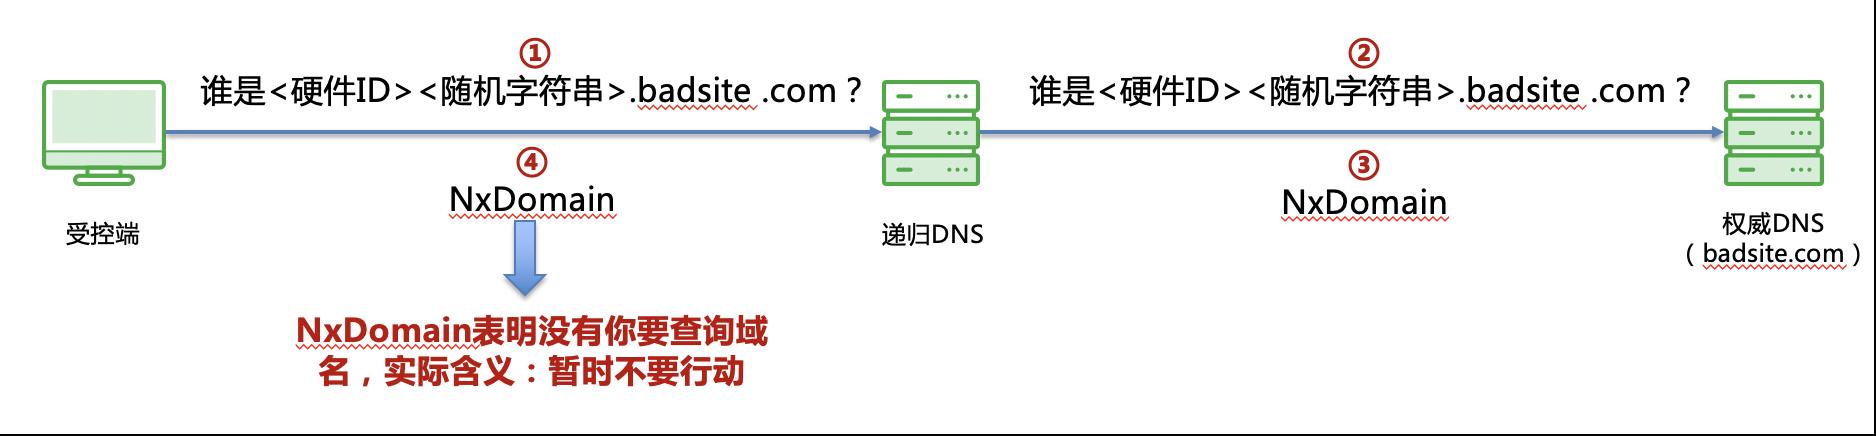 从OilRig APT攻击分析恶意DNS流量阻断在企业安全建设中的必要性